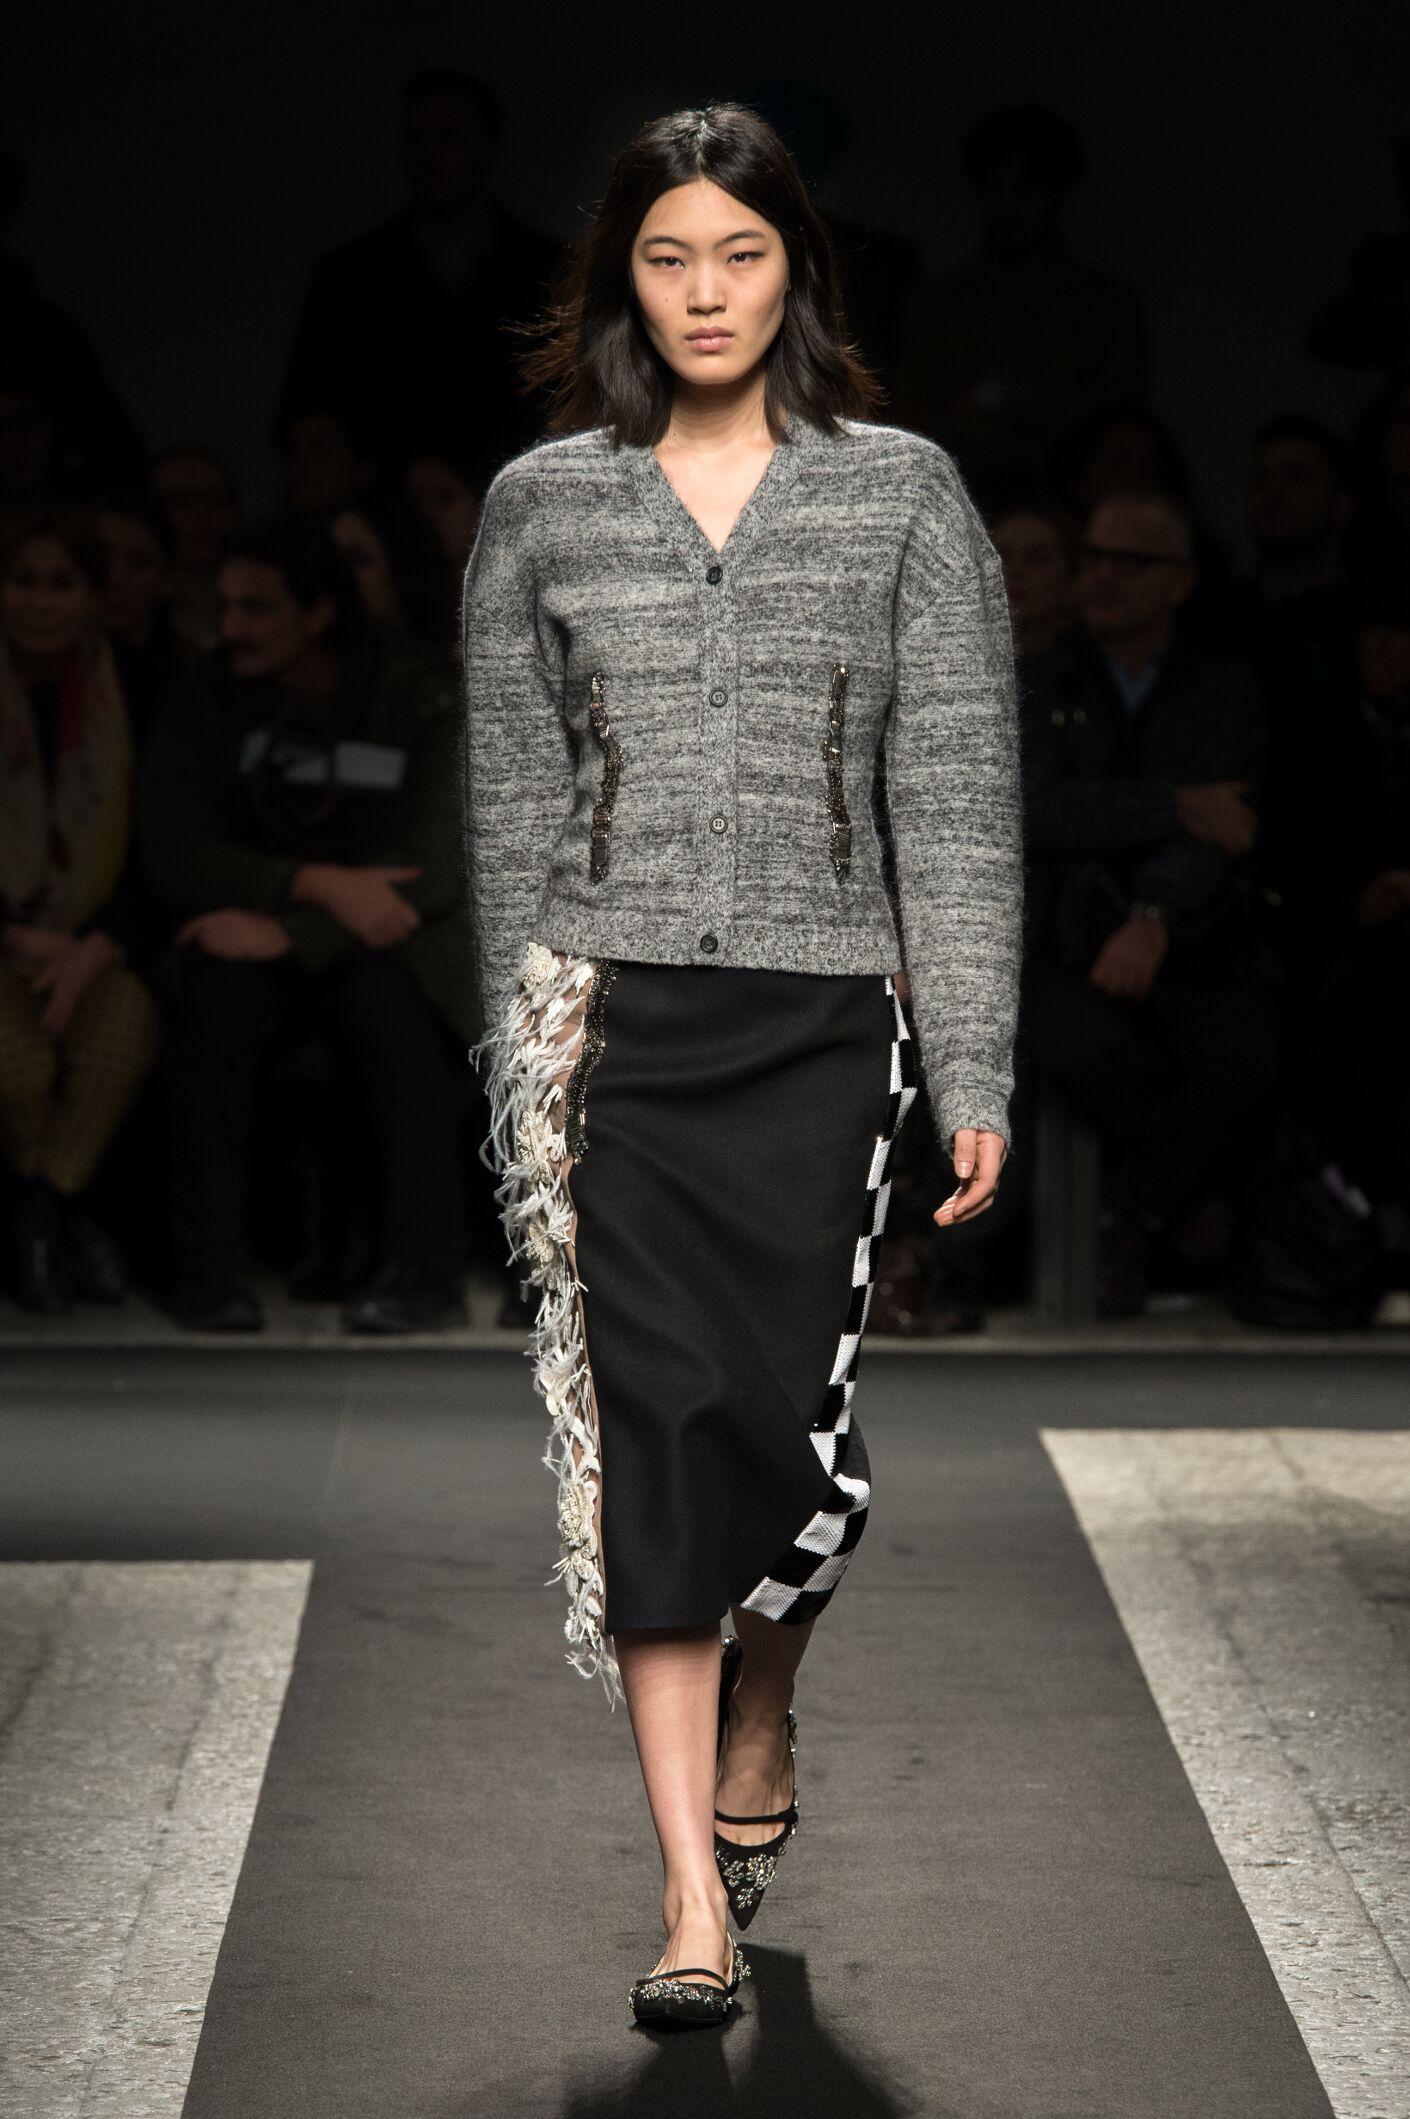 N°21 Fashion Trends